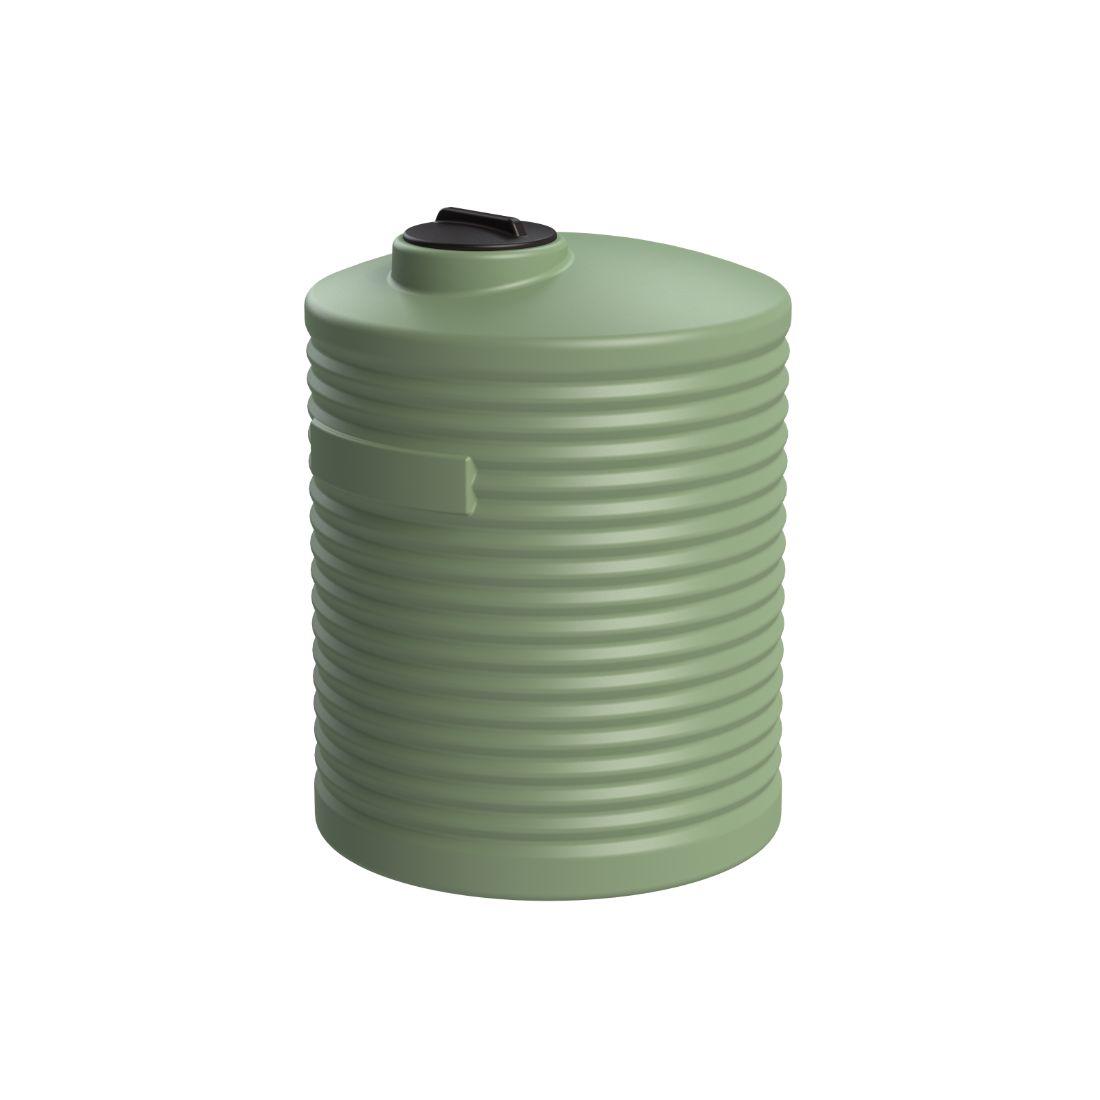 2000L Water Tank Mist Green